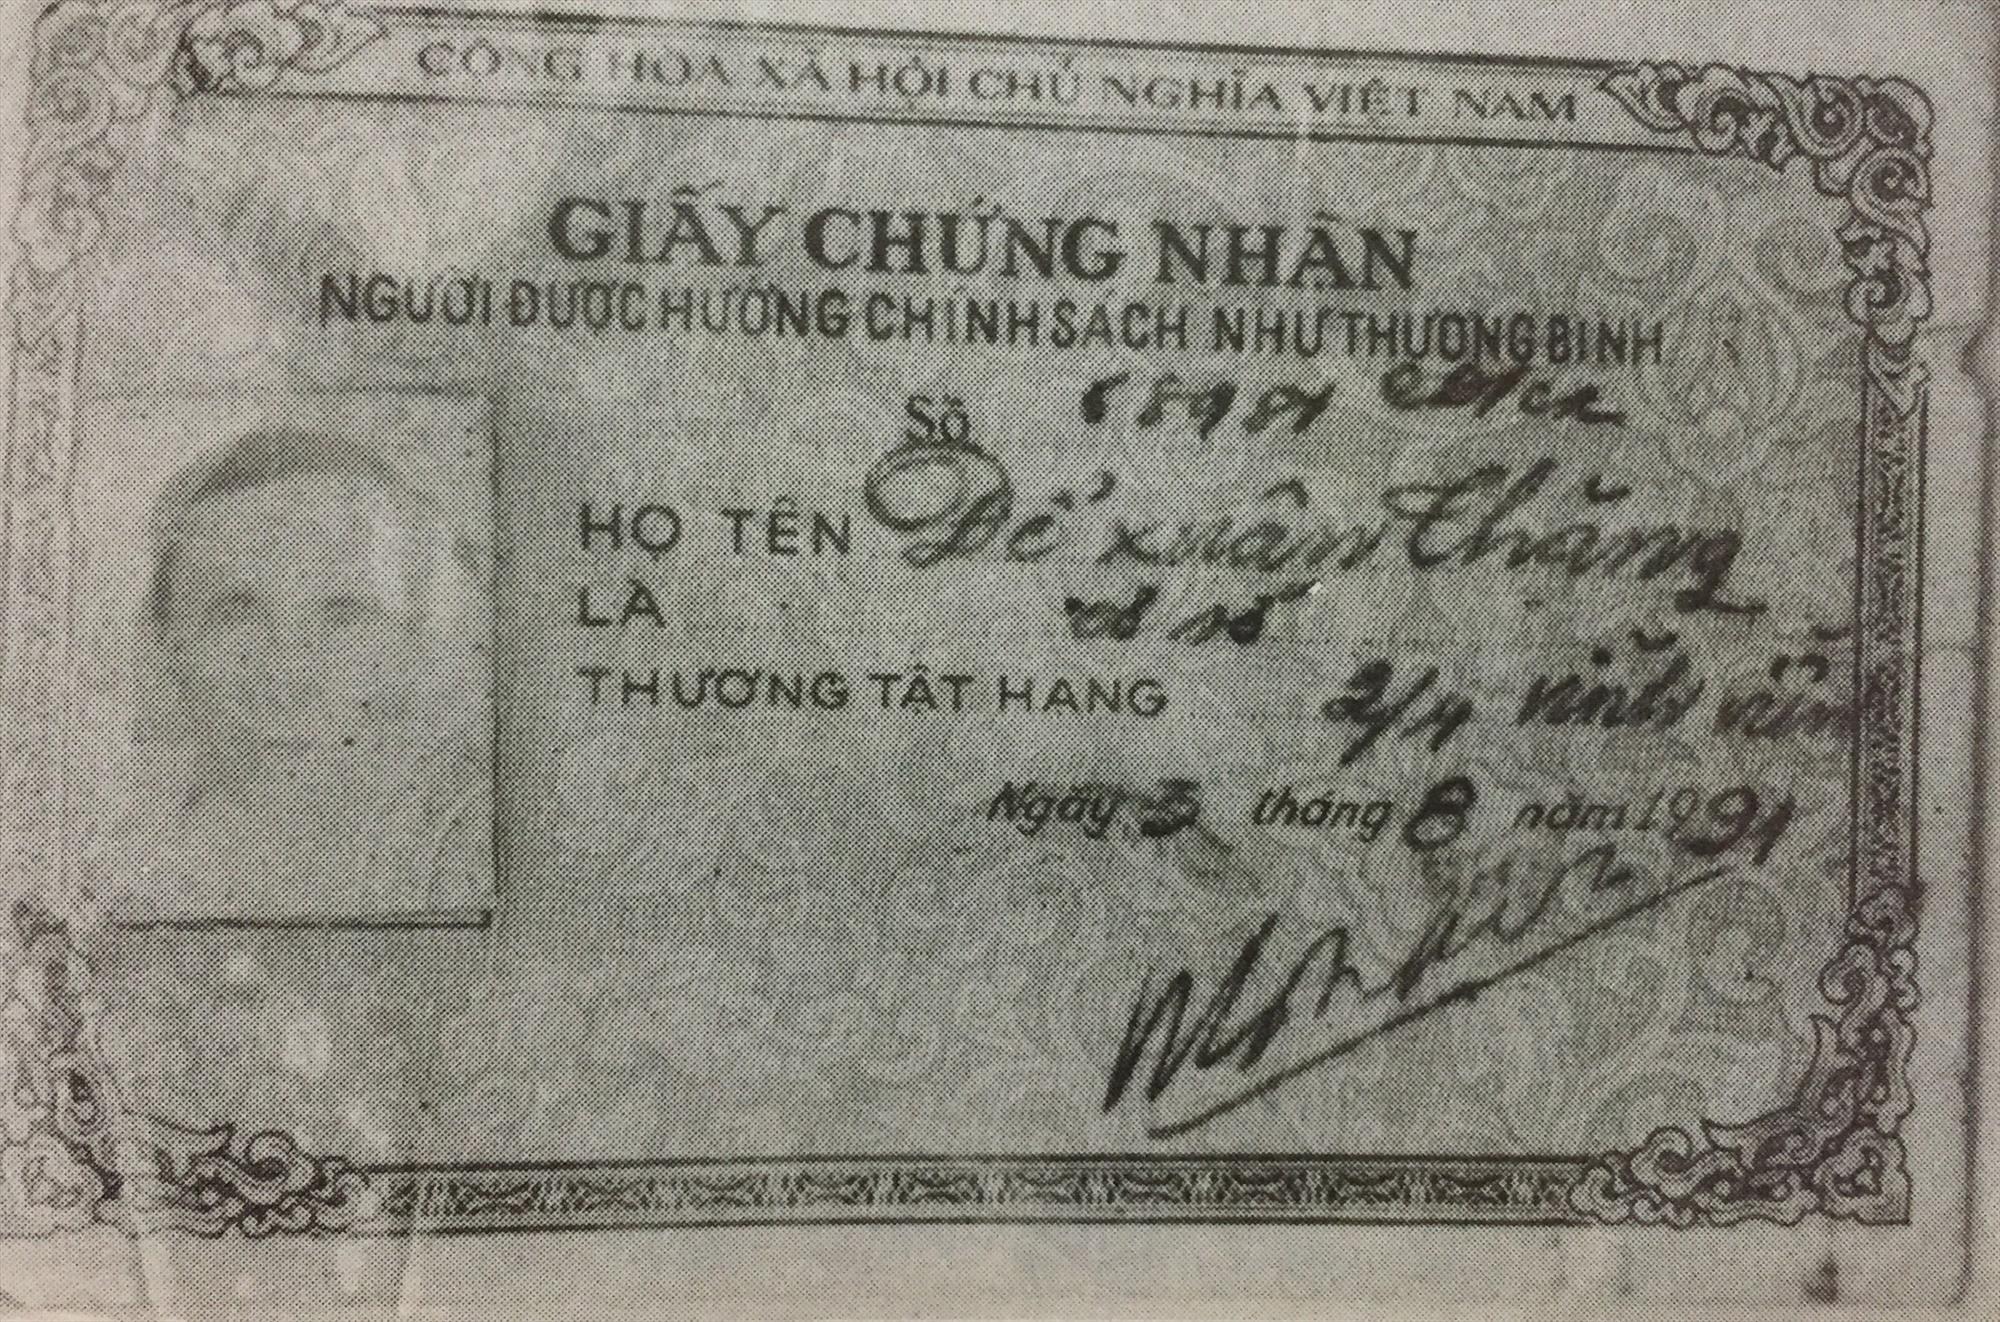 Giấy chứng nhận thương binh của ông Đỗ Xuân Thăng.